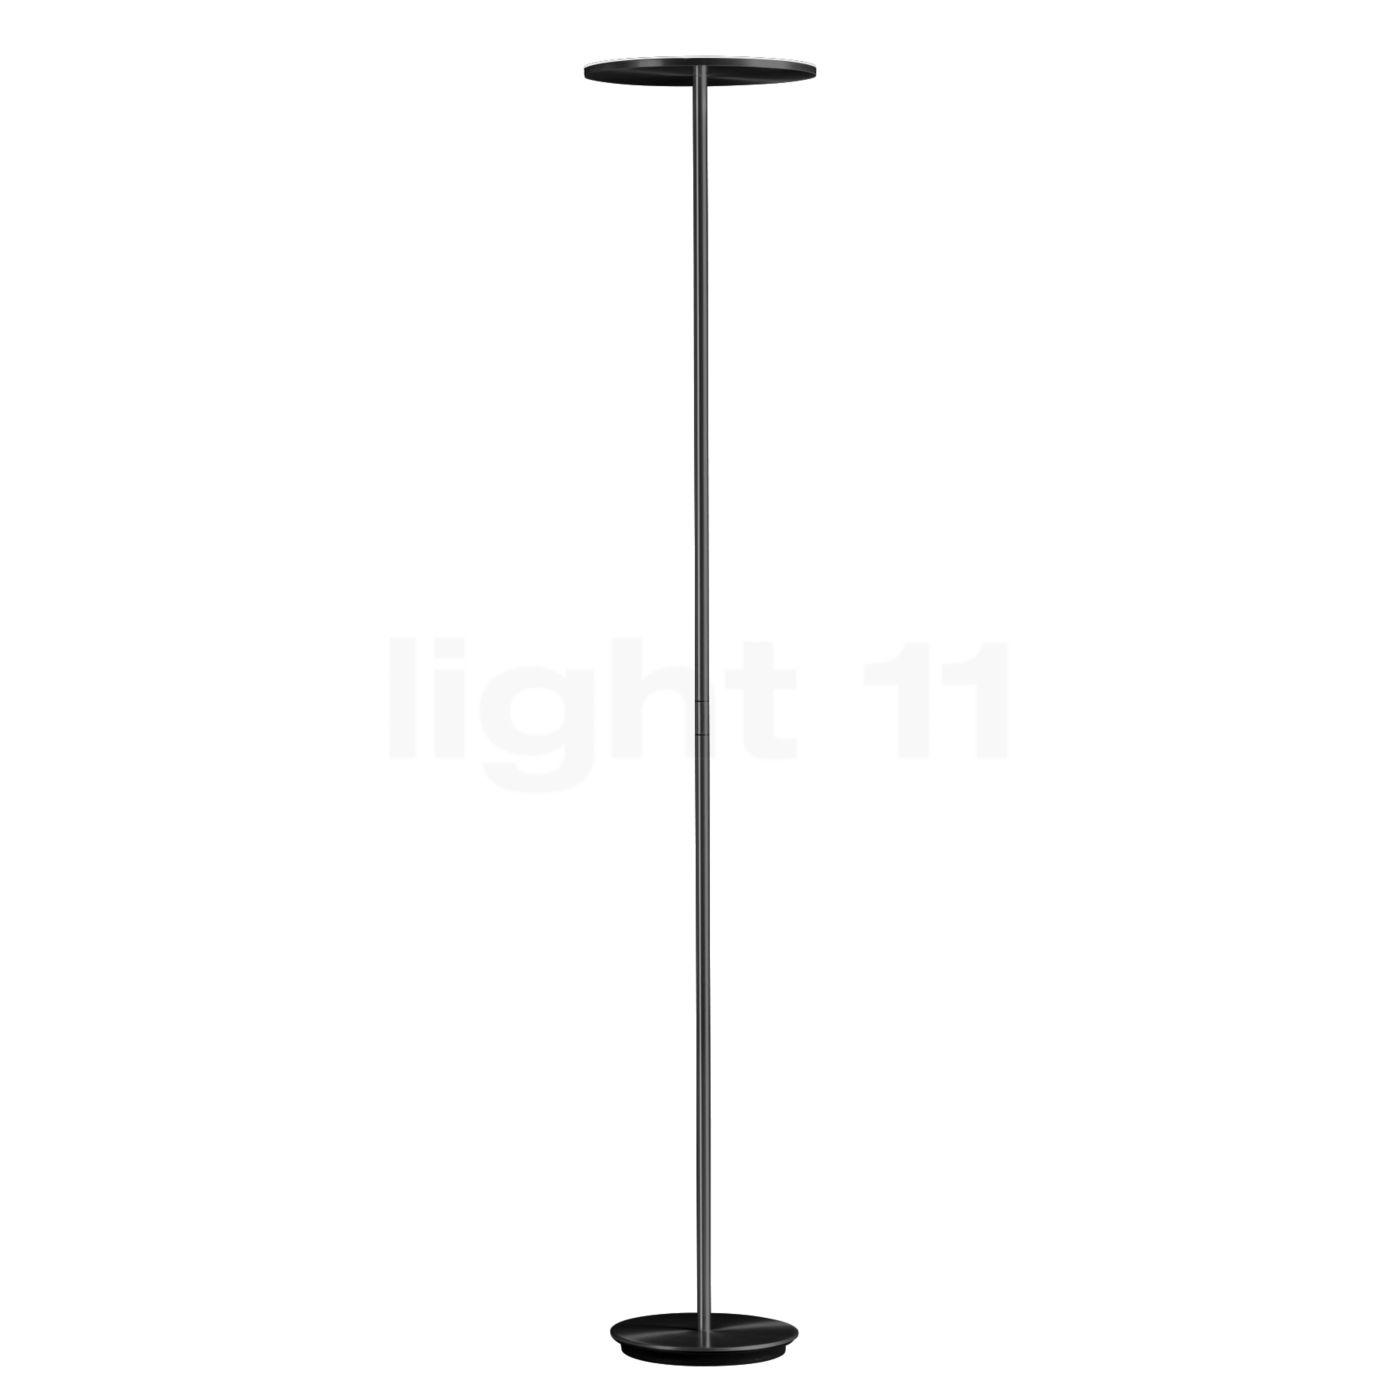 Holtkötter Plano Deckenfluter LED, Platin 9901-4-62